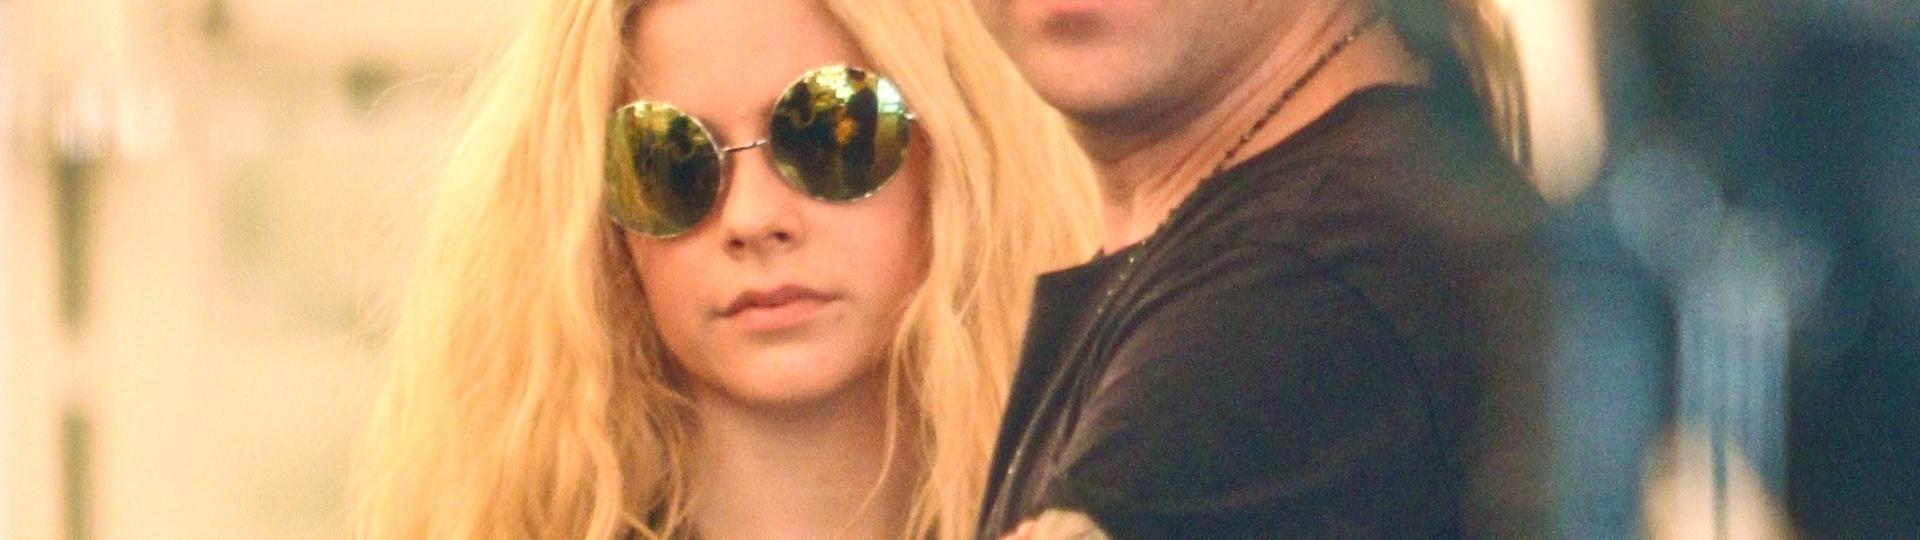 18.ago.2016 - Avril Lavigne e Ryan Cabrera fotografados juntos no início do ano em Hollywood, na Califórnia